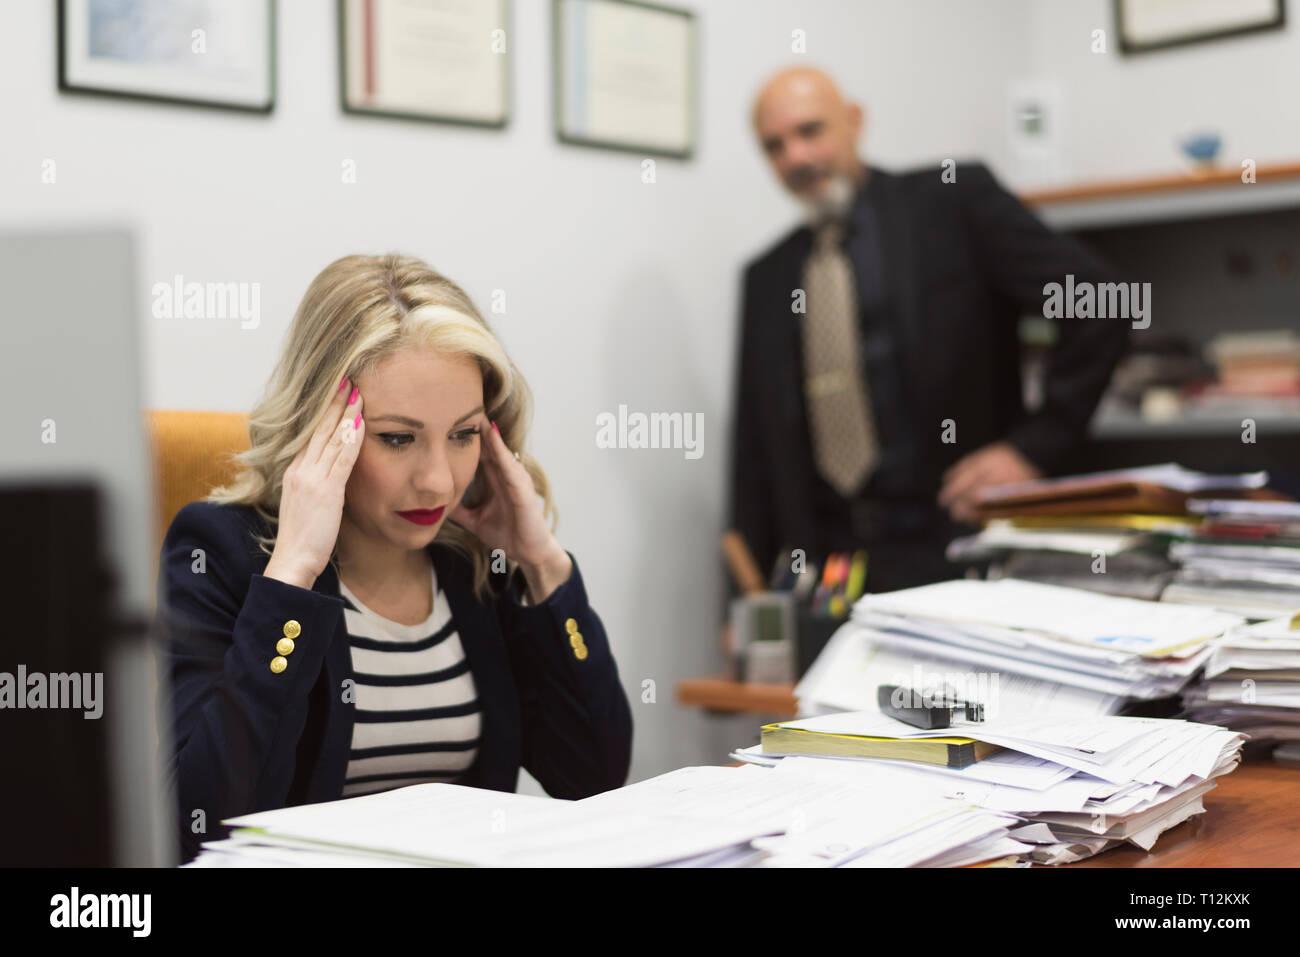 Weibliche Büroangestellte vor einem großen Laden von Dokumenten und Büro Arbeit betont Stockfoto